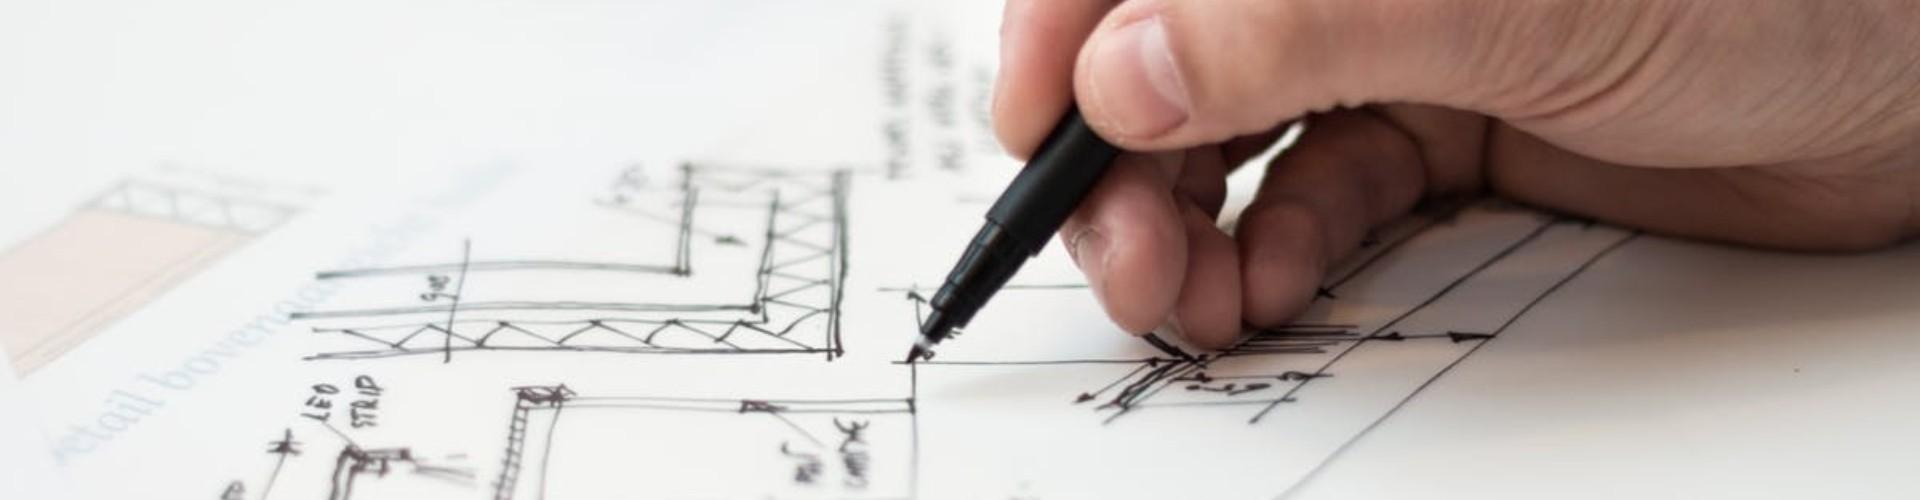 Architekt - praca, oferty. Ile zarabia? Jak nim zostać?